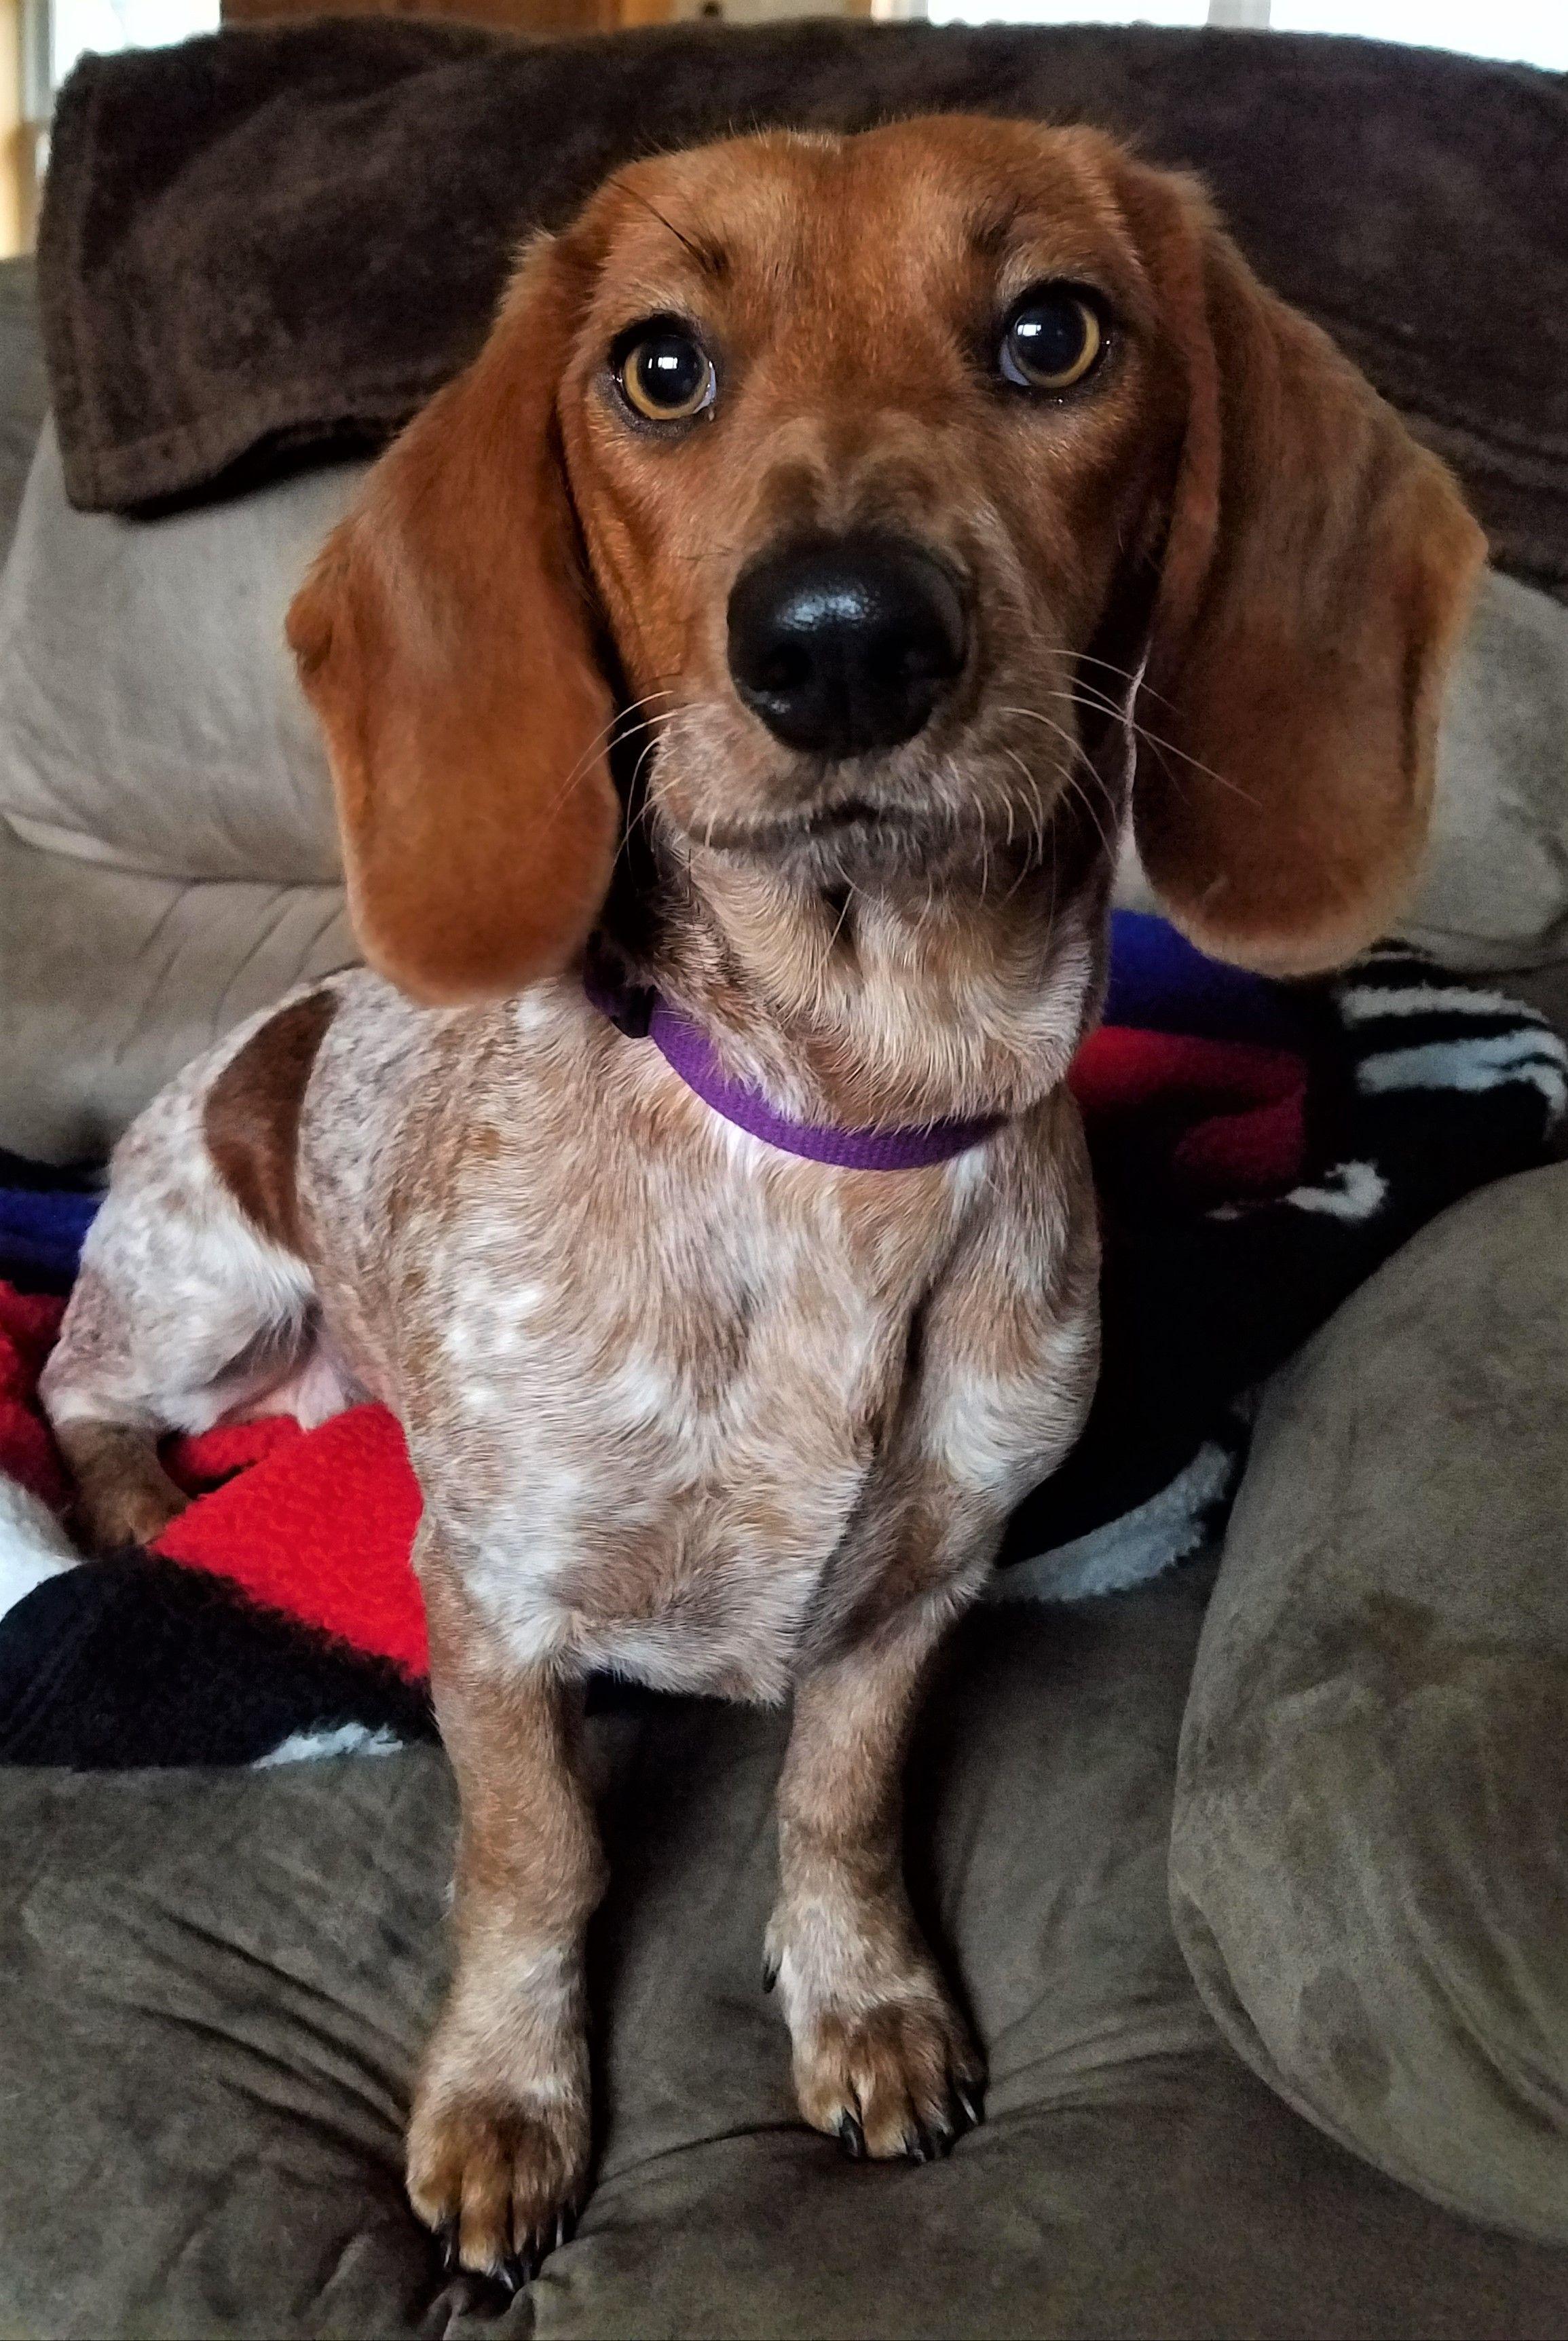 Doxle Dog For Adoption In Lewisburg Tn Adn 720590 On Puppyfinder